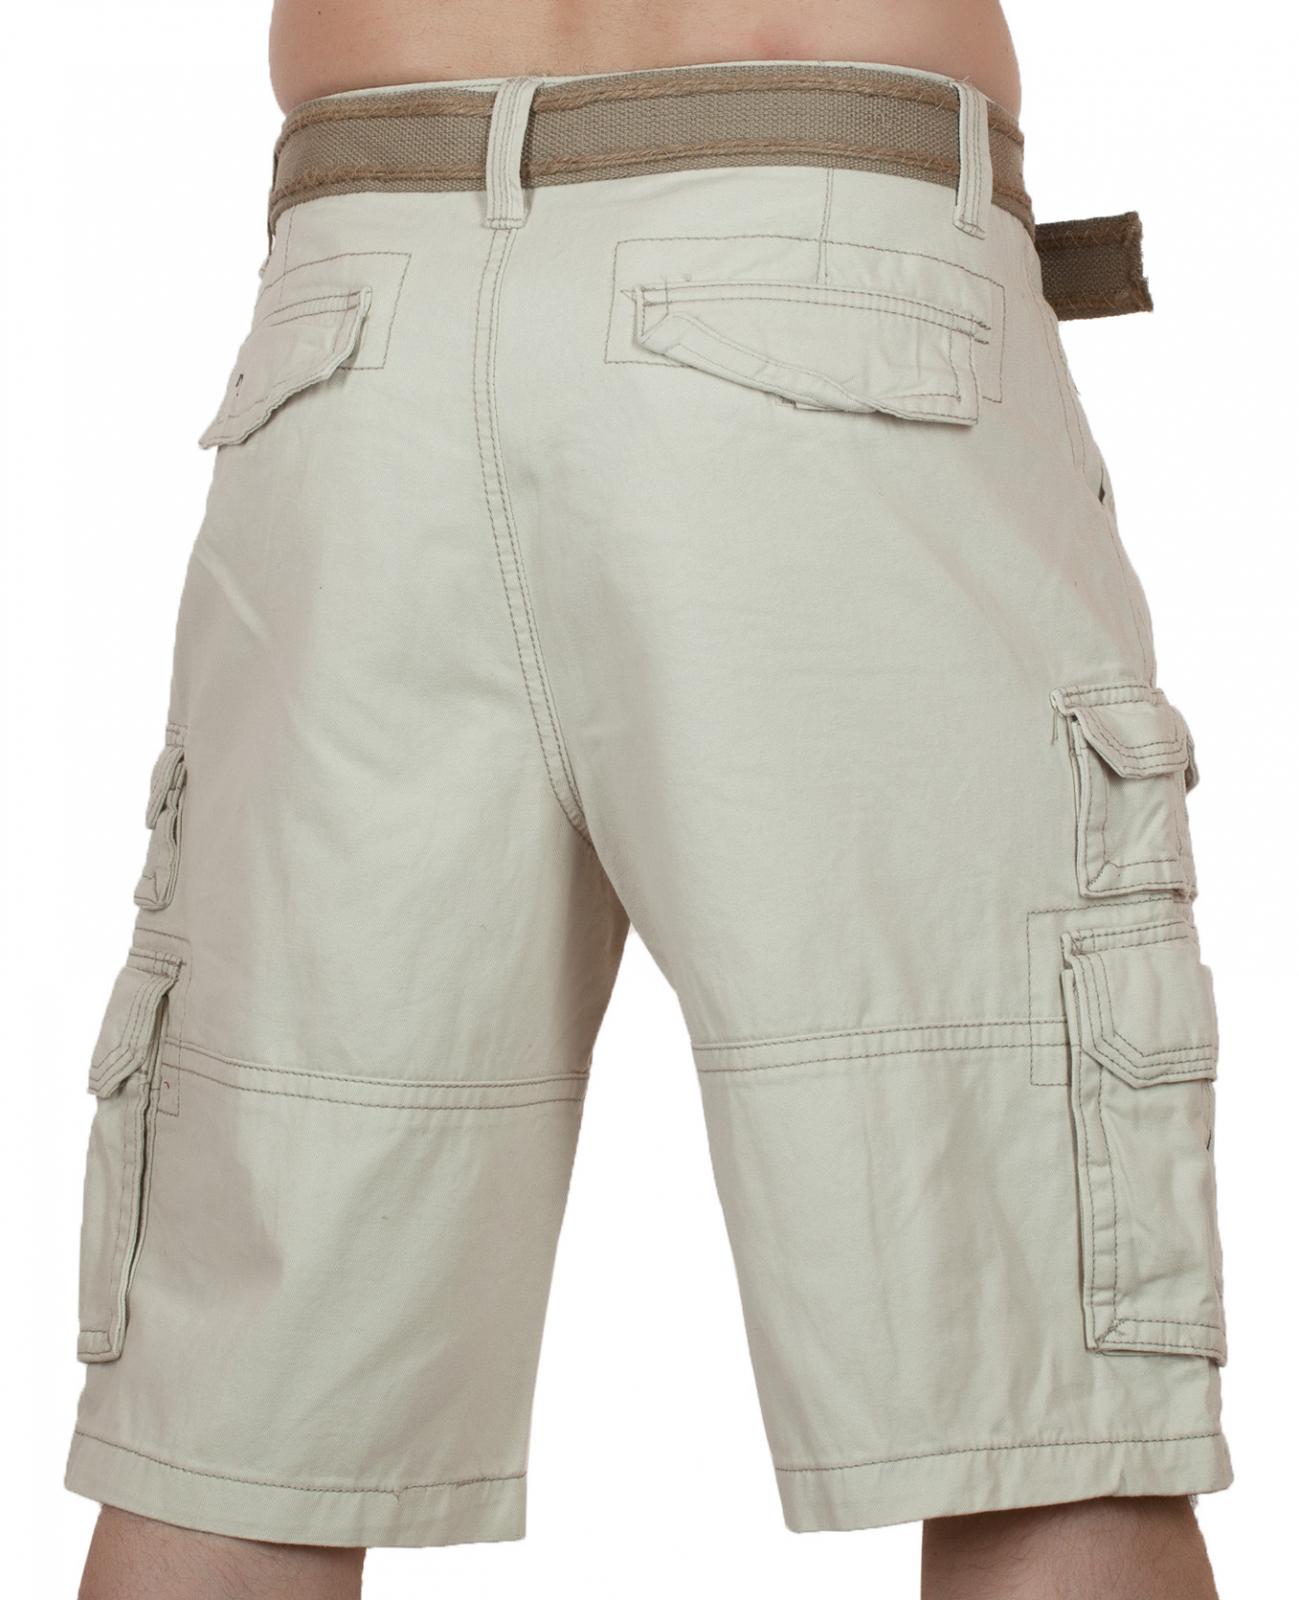 Мужские хлопковые шорты (Iron Co., США) по лучшей цене